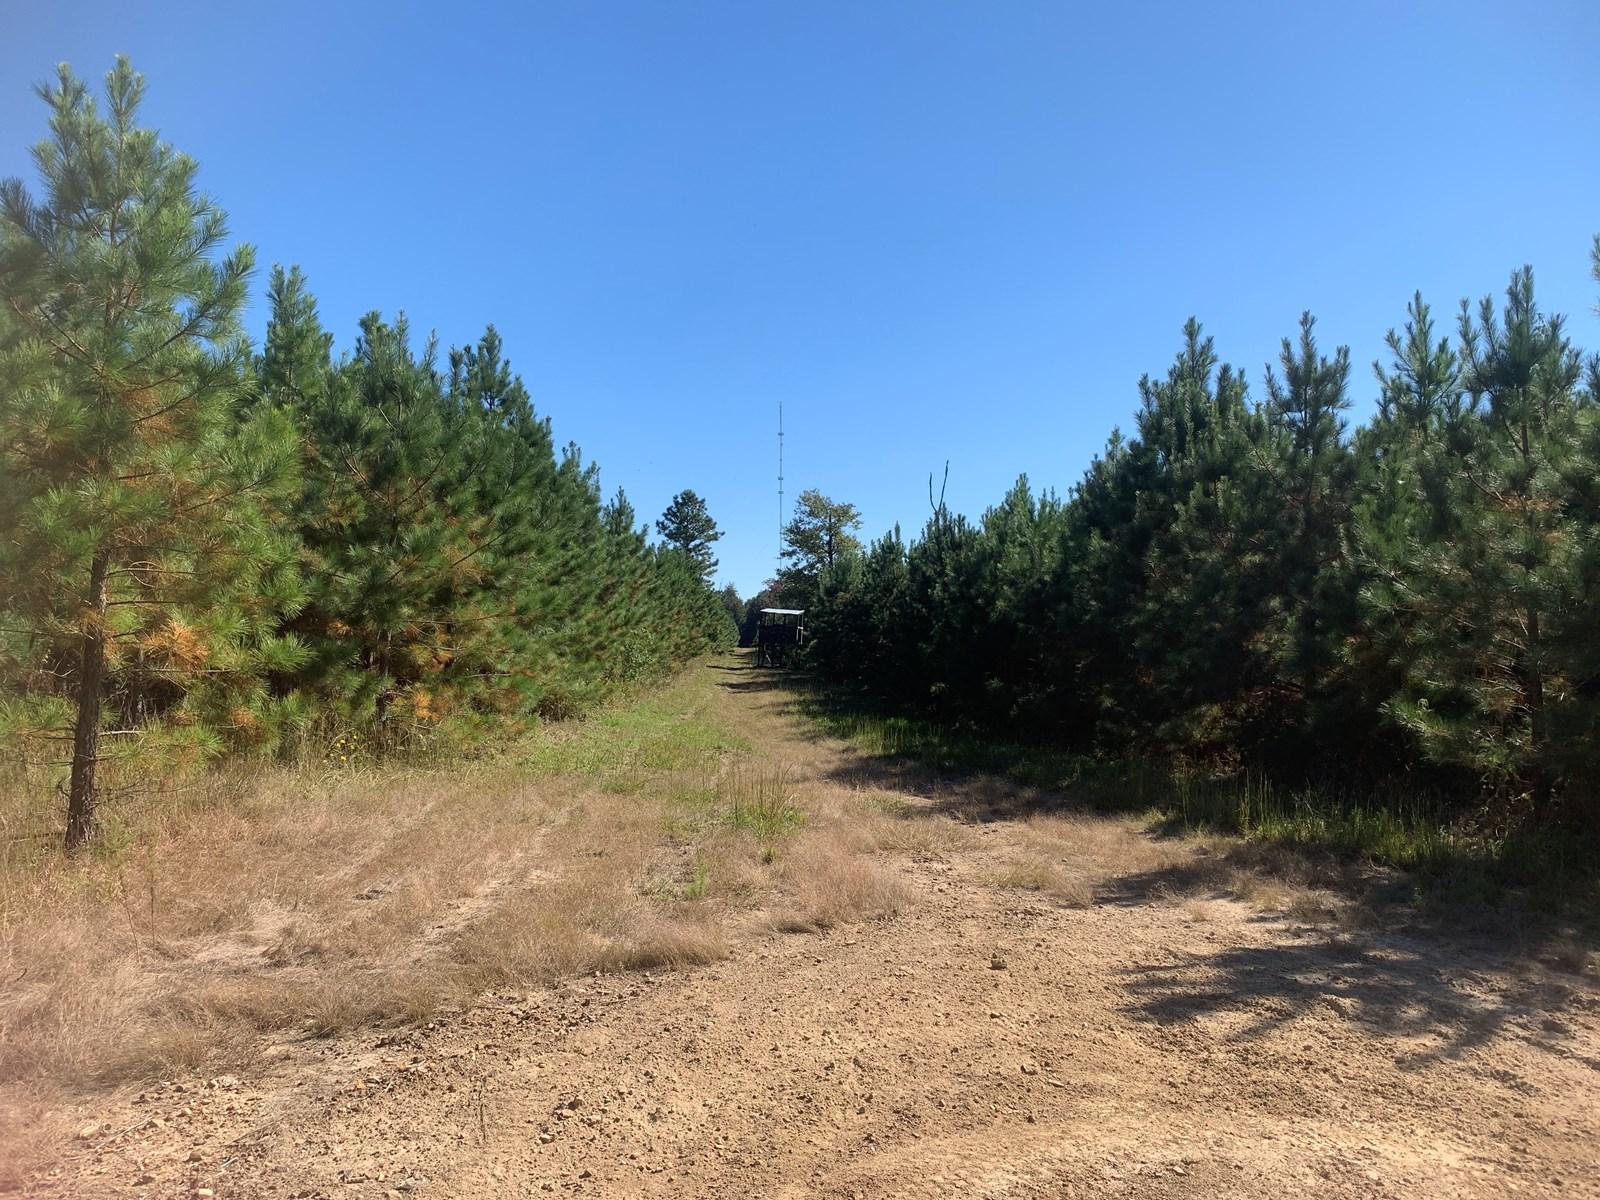 Young Planted Pine Timberland for Sale Near El Dorado, AR